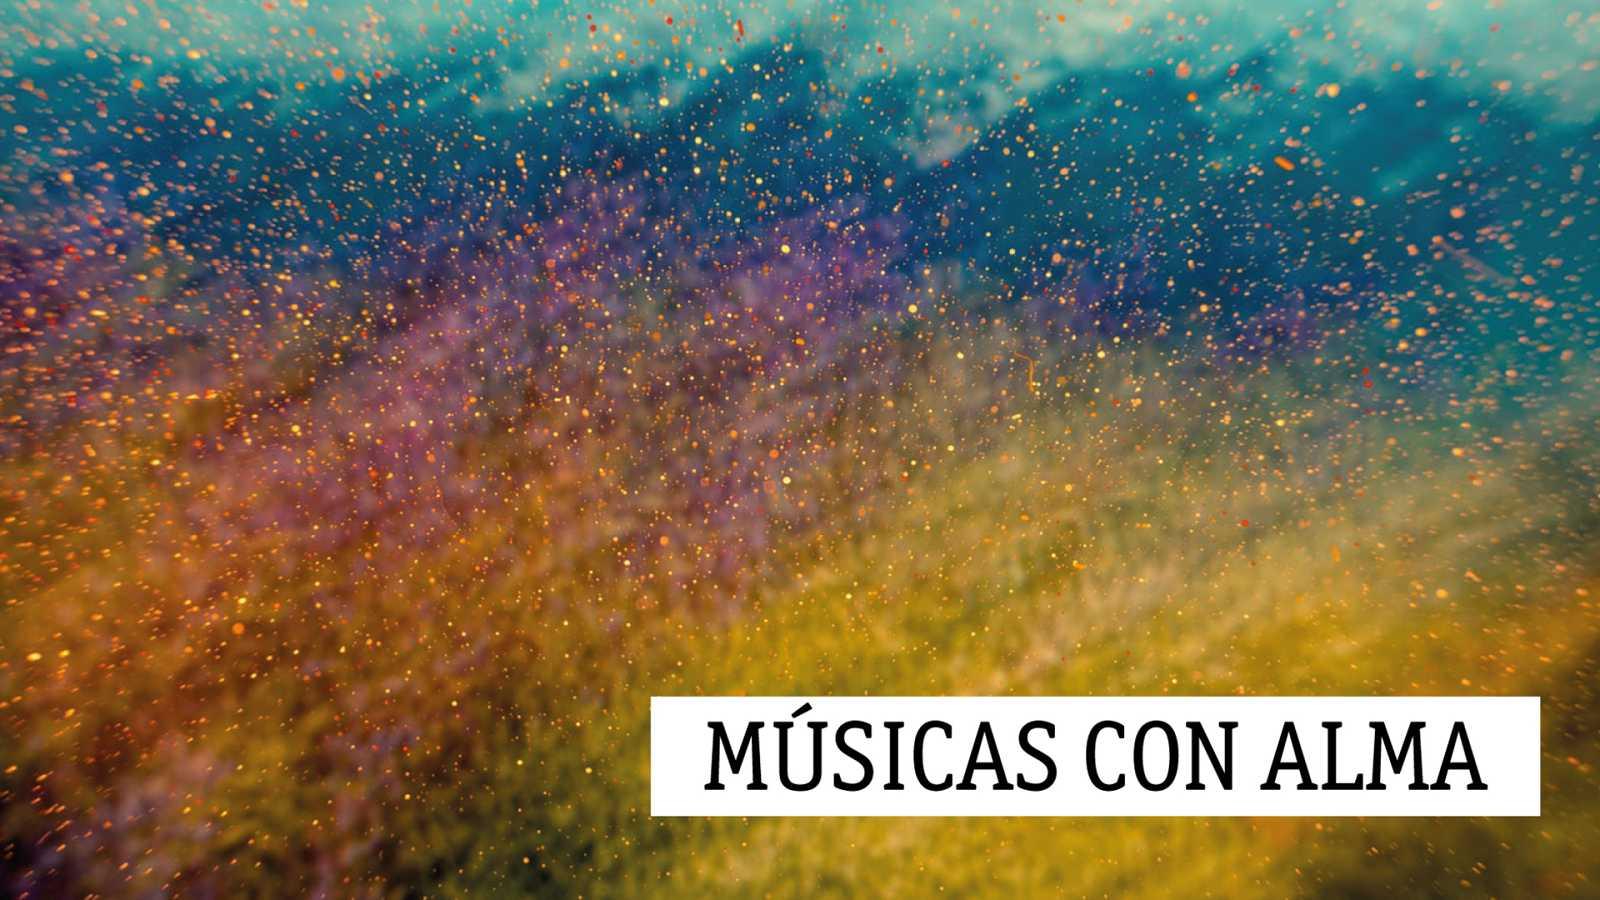 Músicas con alma - Ligereza - 25/01/21 - escuchar ahora